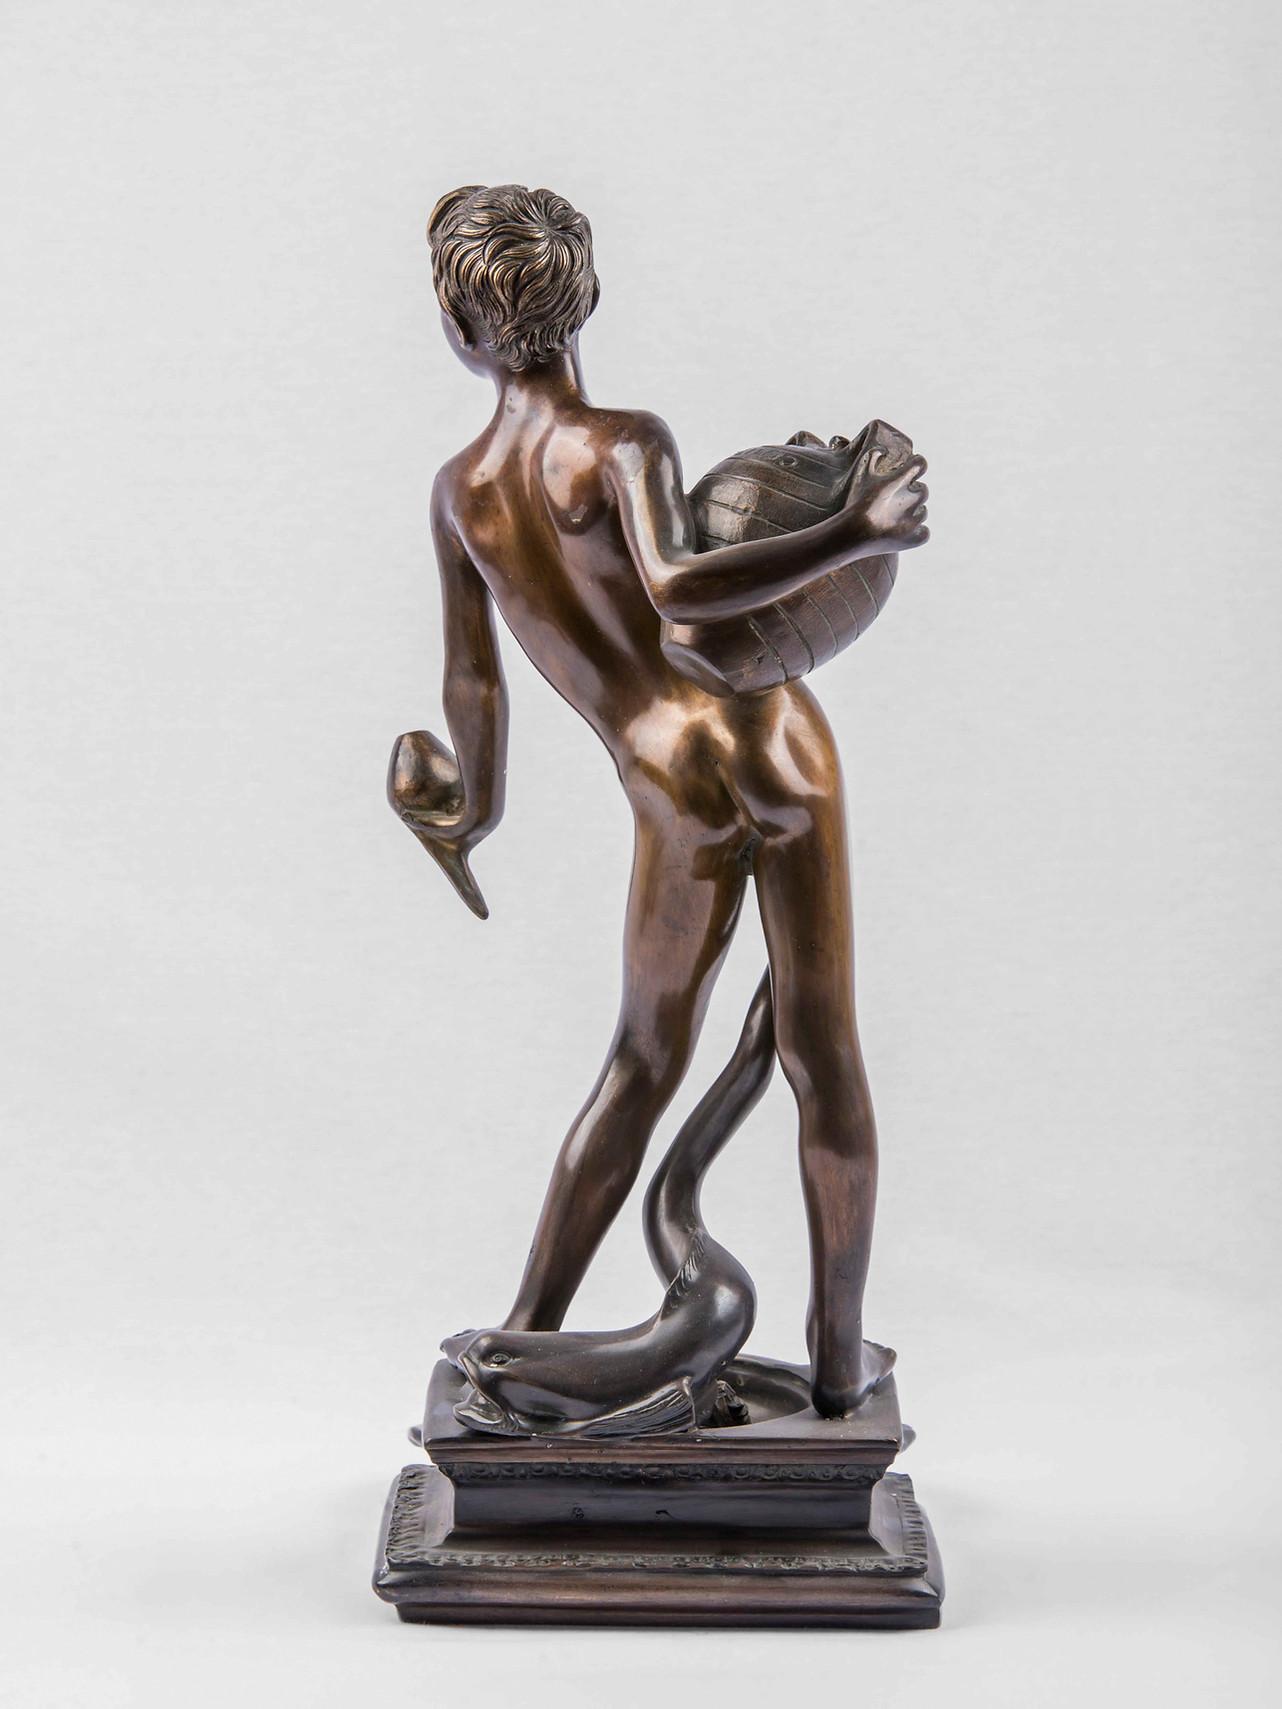 DSC_4691 - L'acquaiolo scultura in bronz